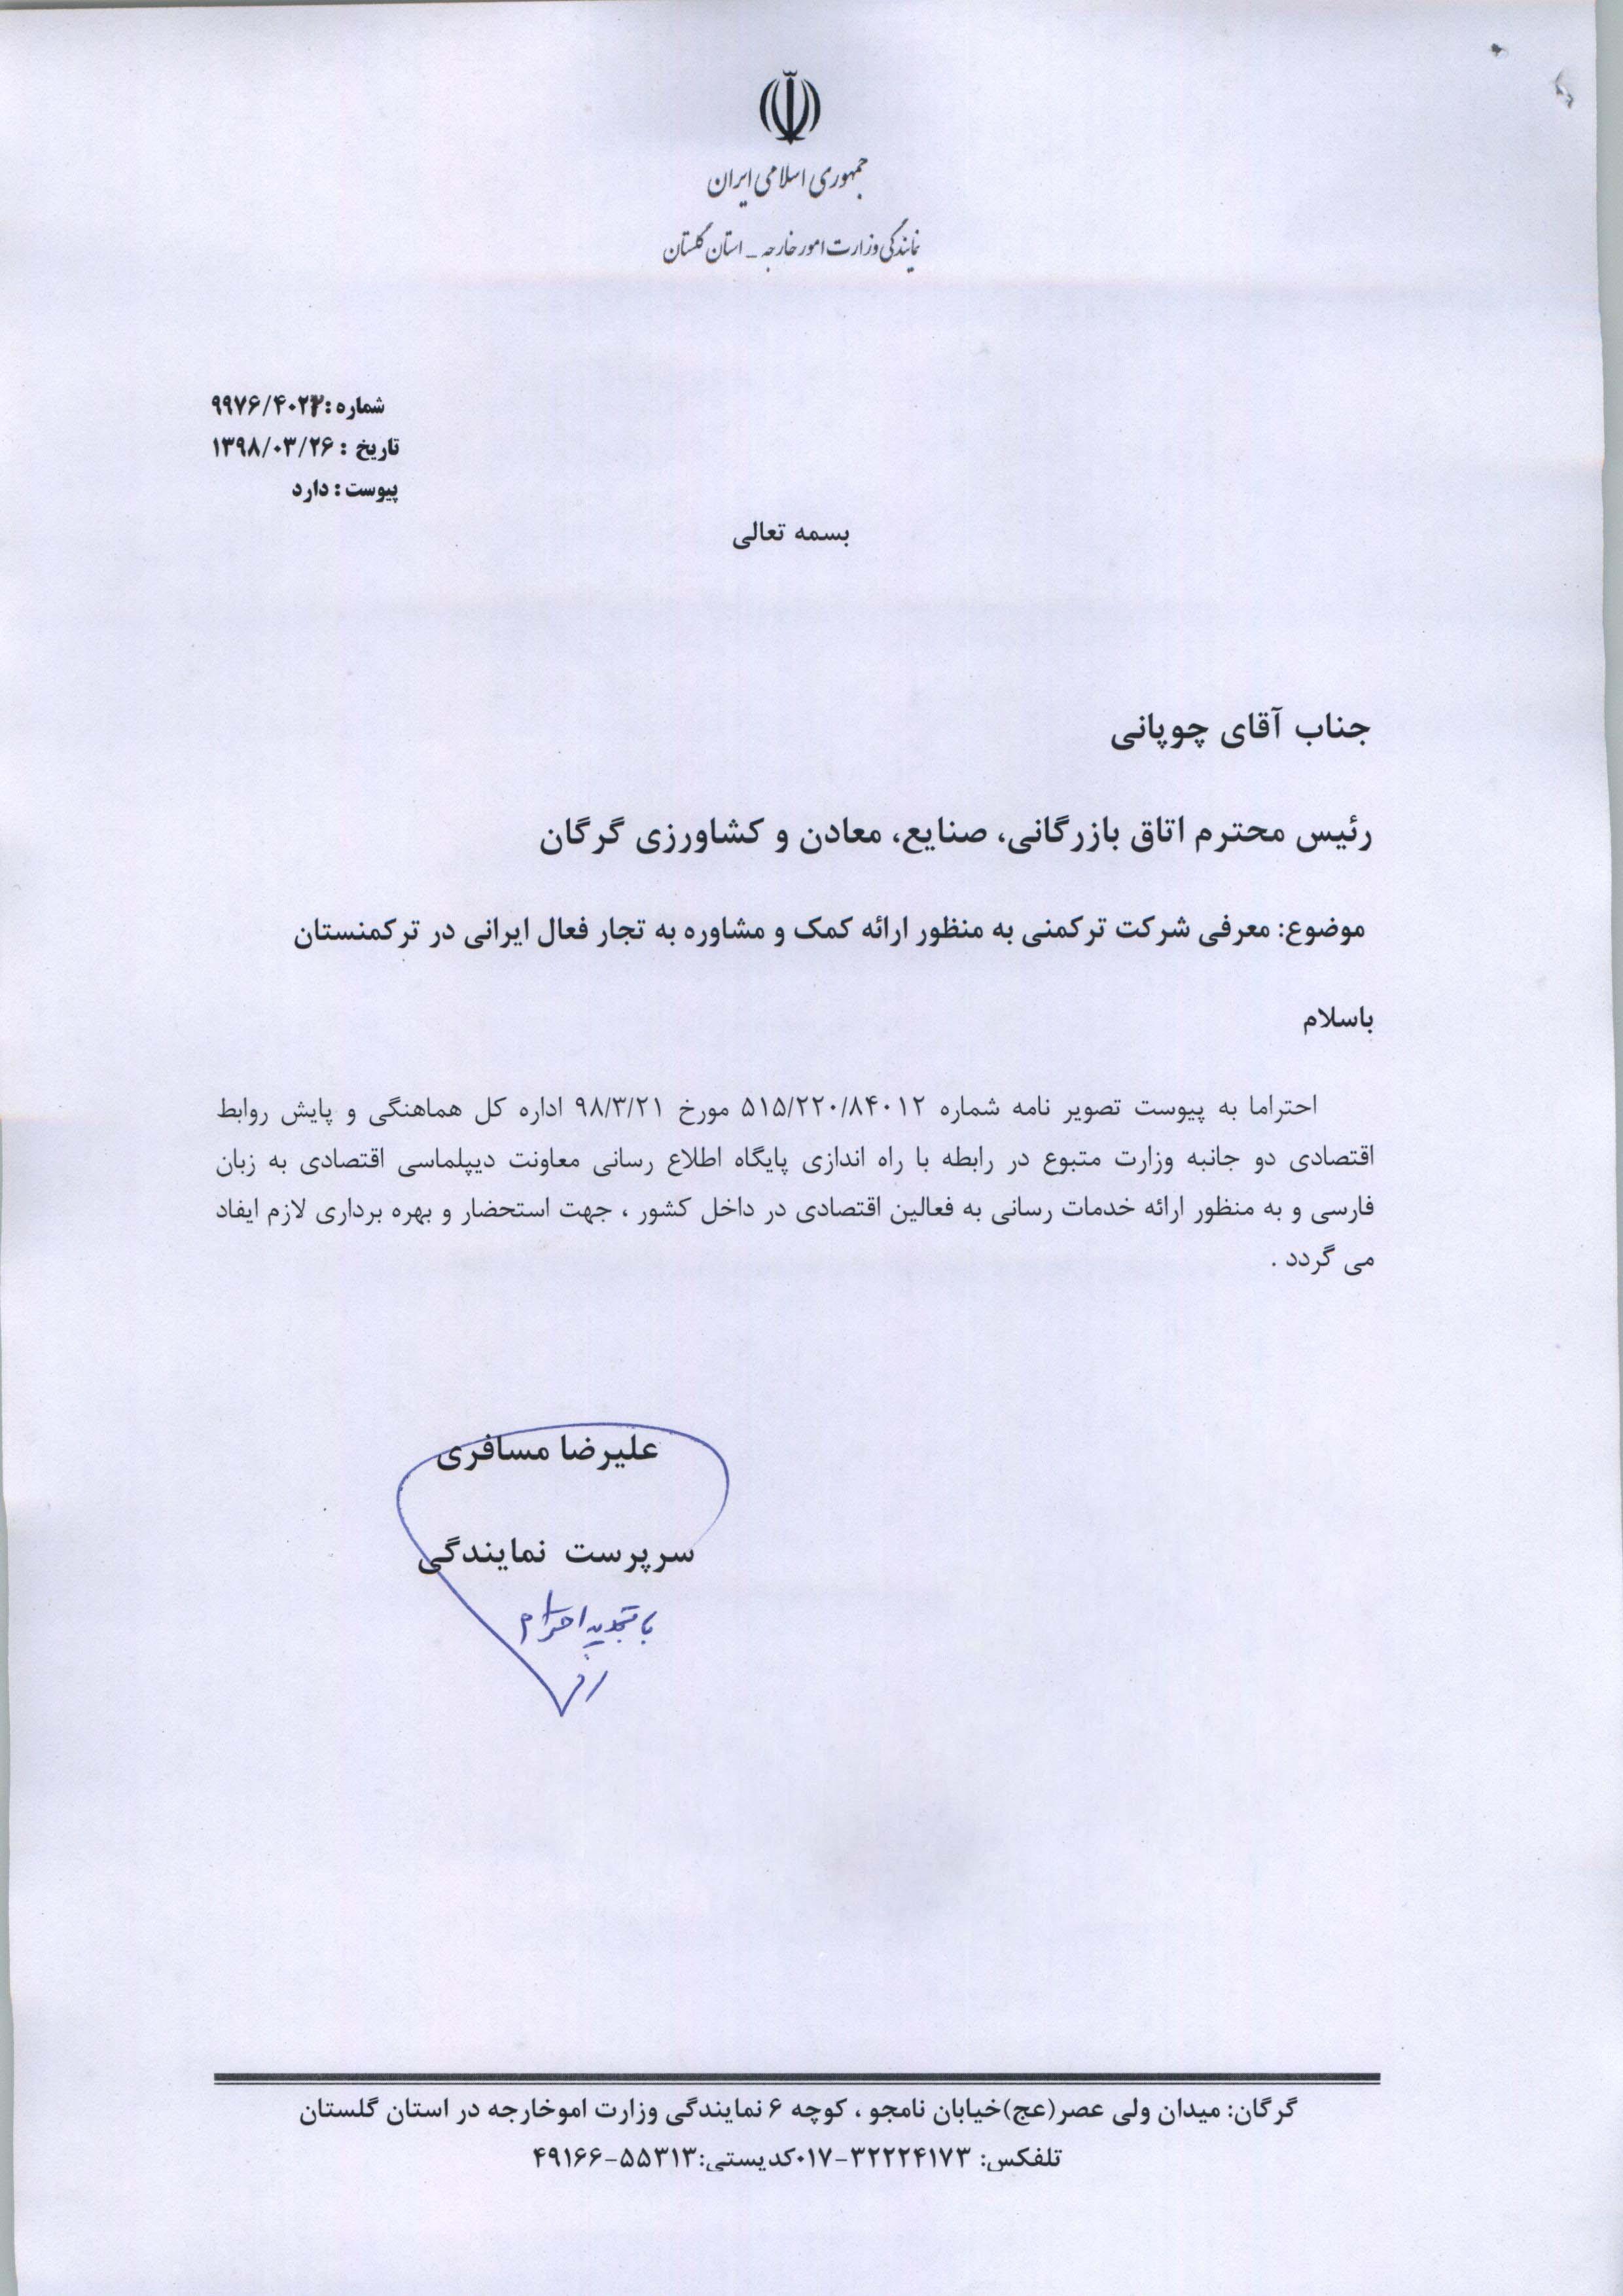 راه اندازی پایگاه اطلاع رسانی معاونت دیپلماسی اقتصادی...